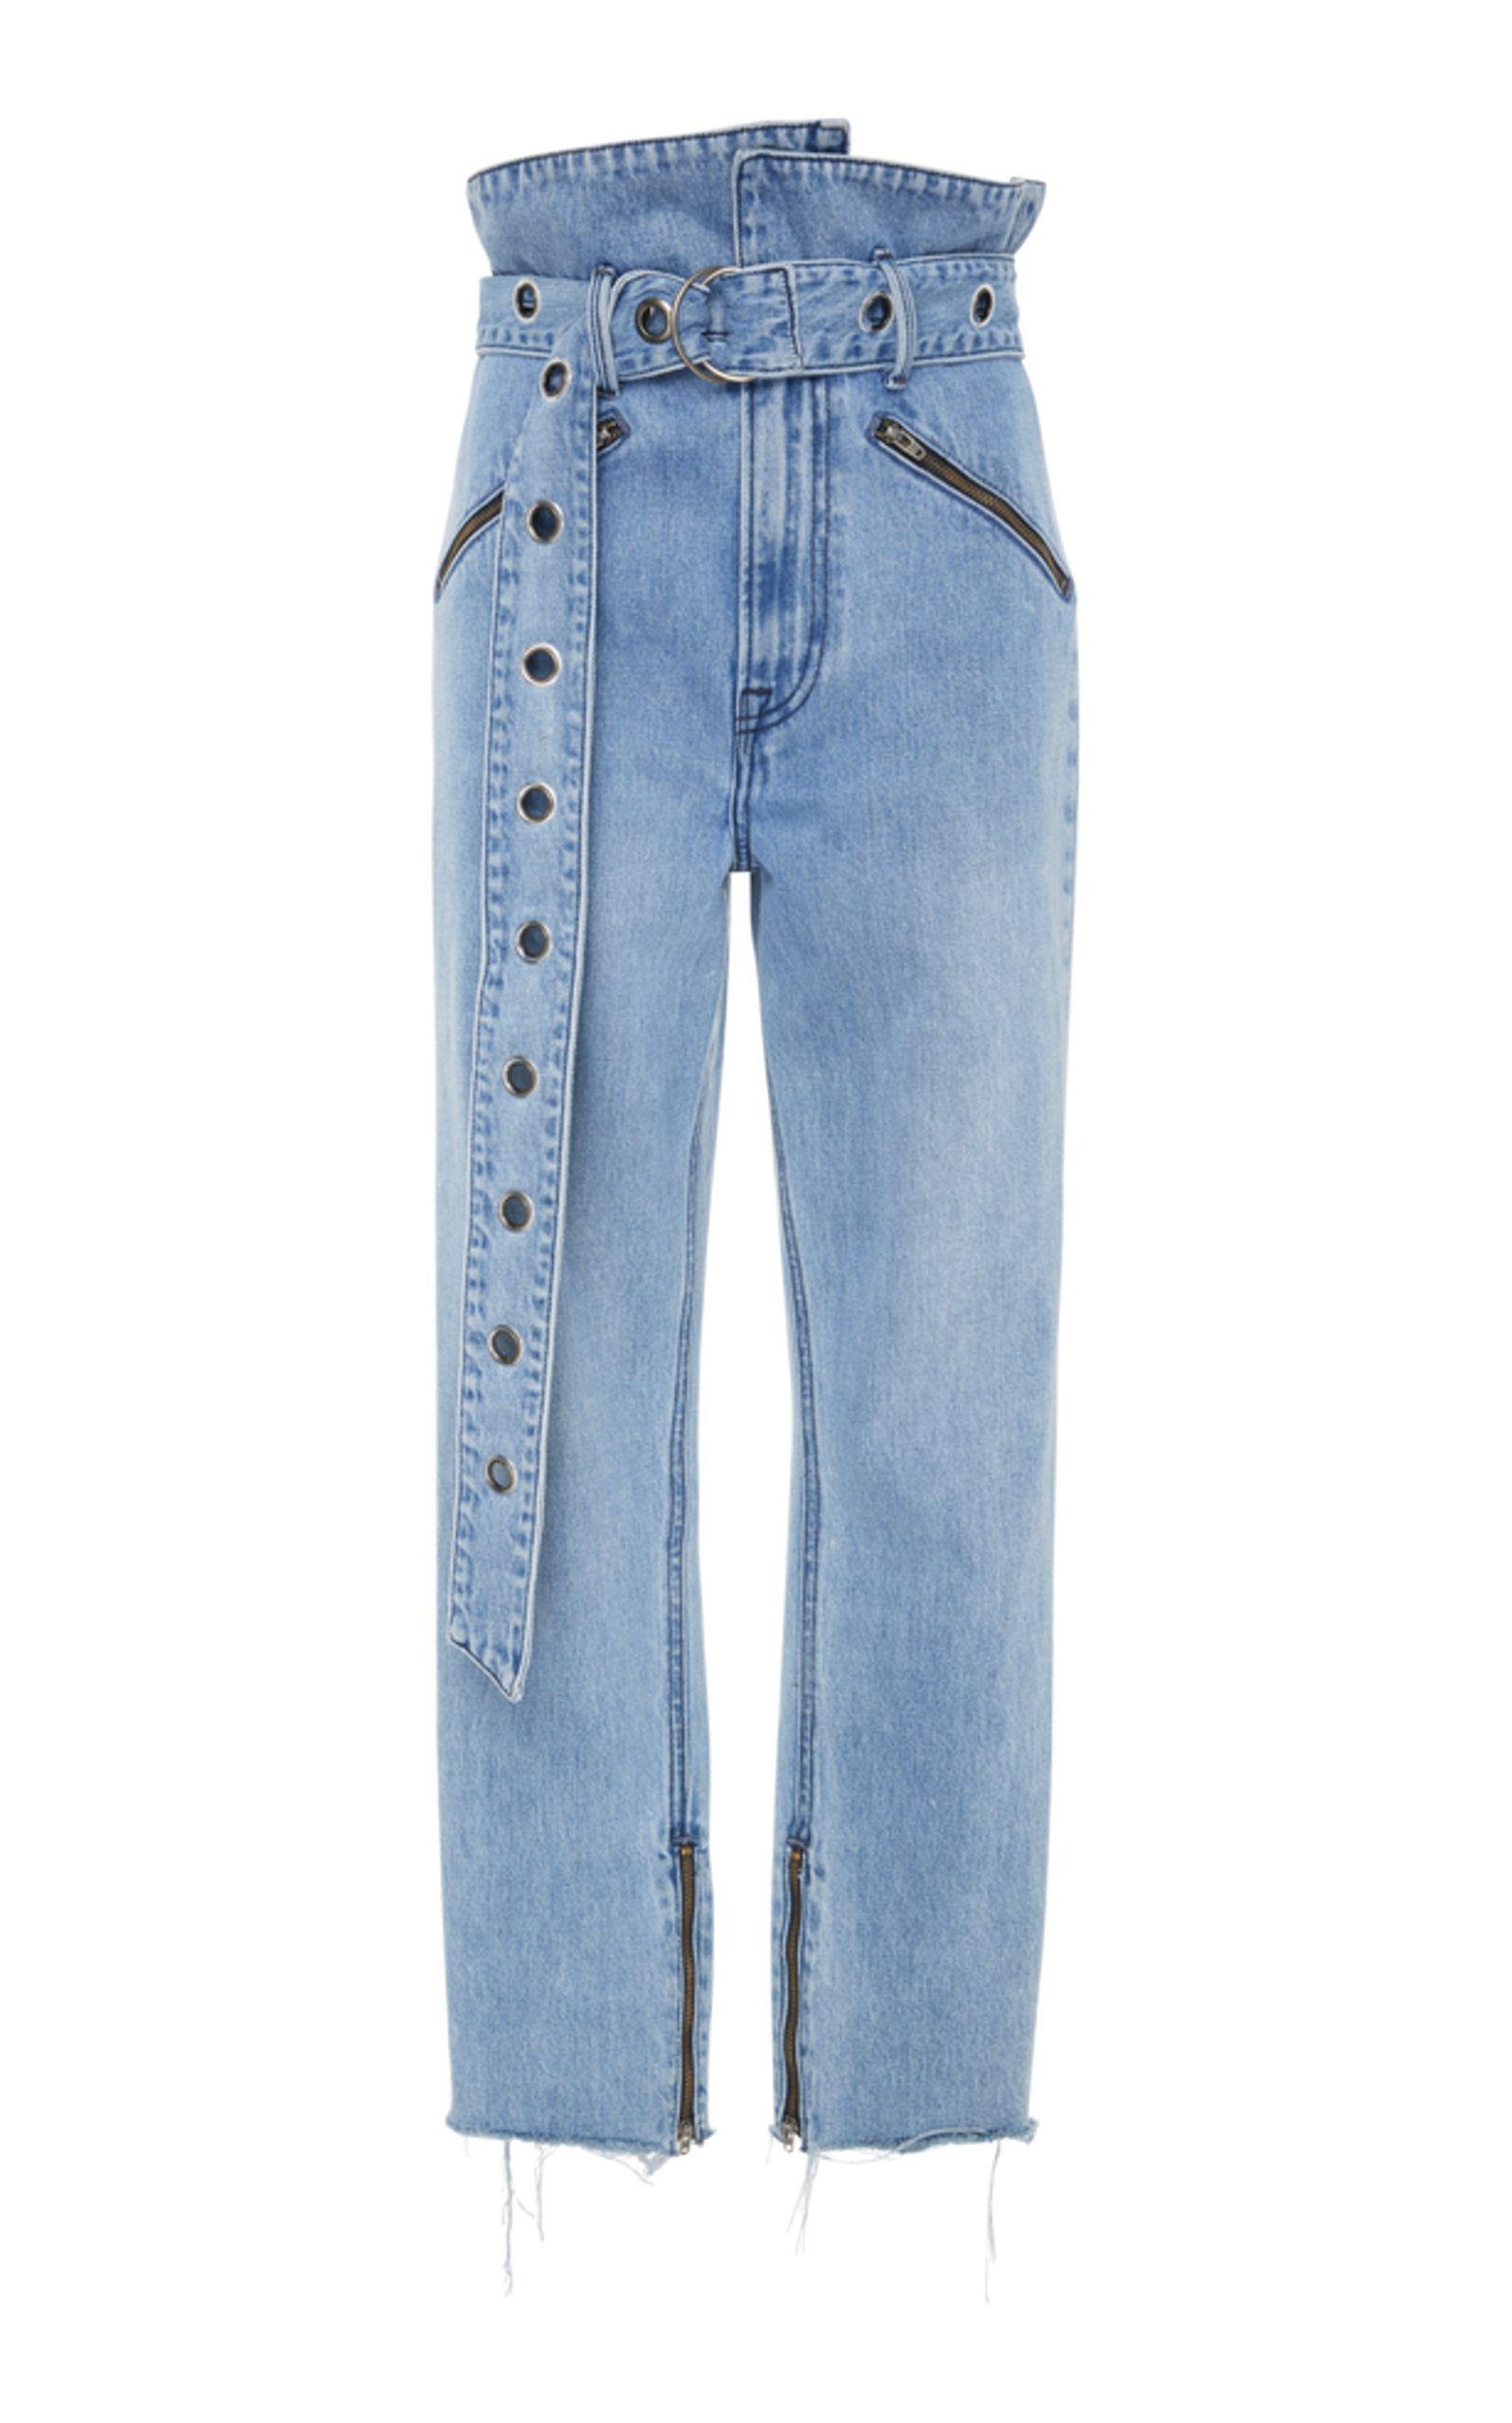 Moda de Operandi de Jeans corte rectos Denim de Mia recto ahora disponibles en Grlfrnd nI77qxT